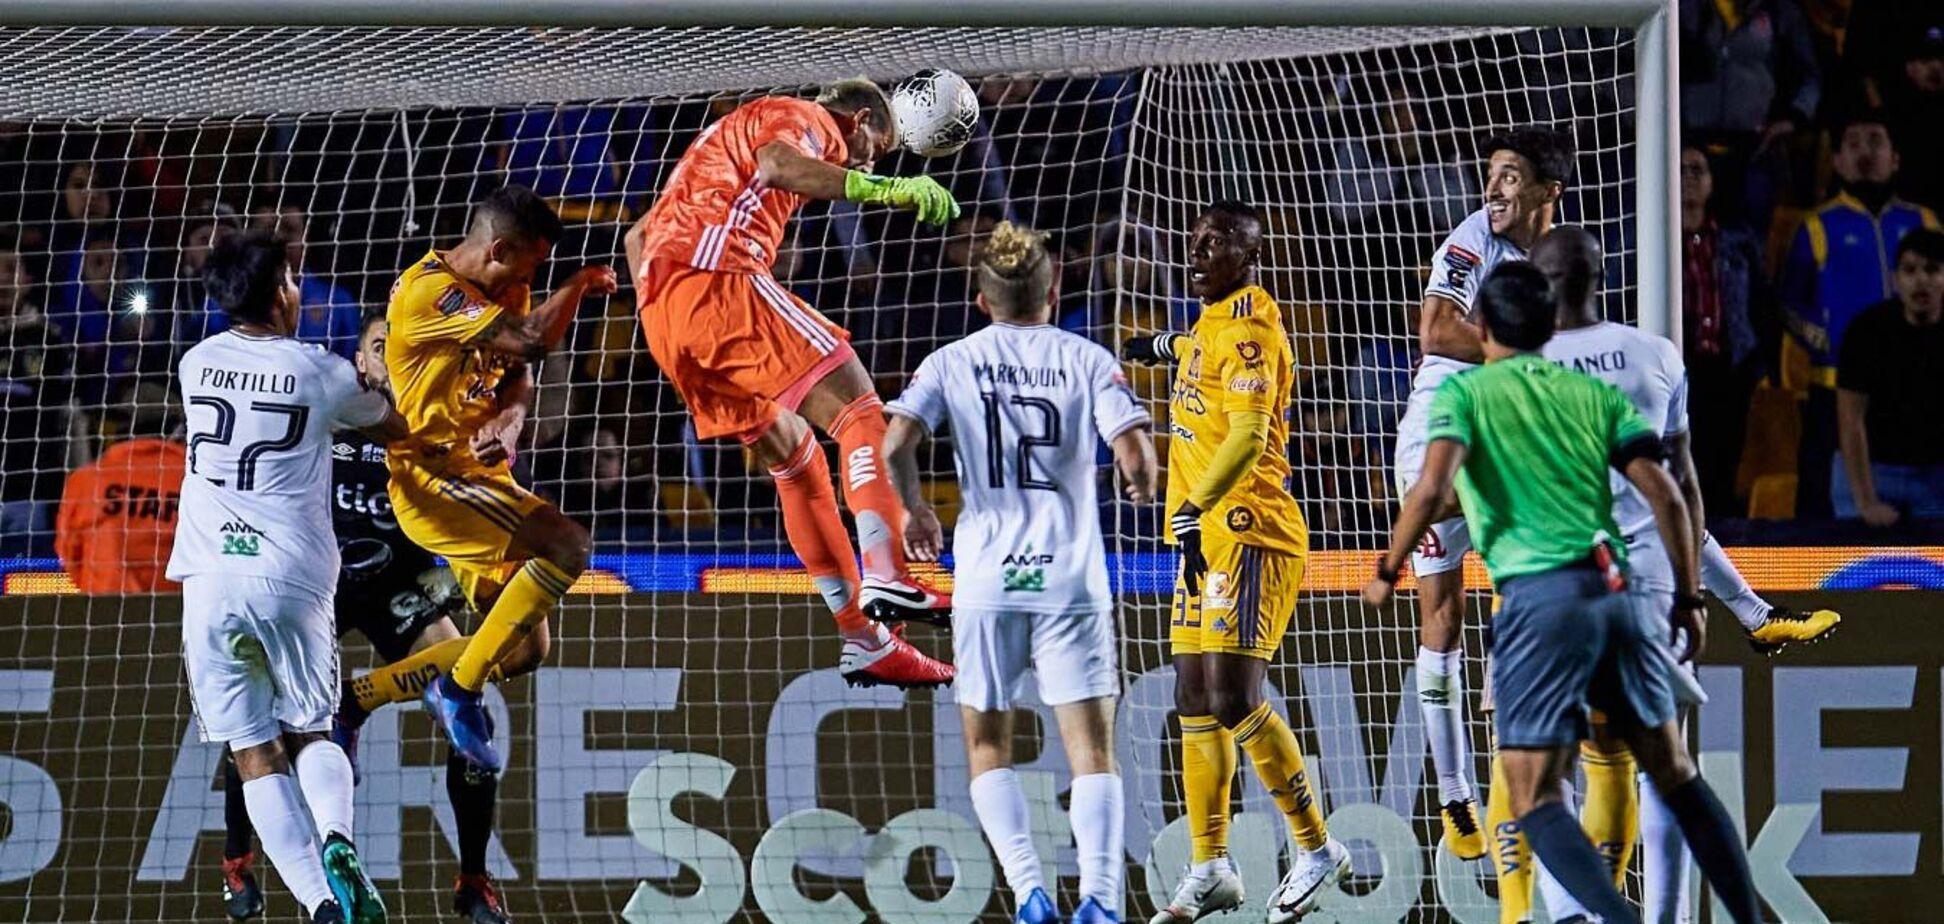 Воротар 'Тігрес' Гузман забив гол на останніх секундах